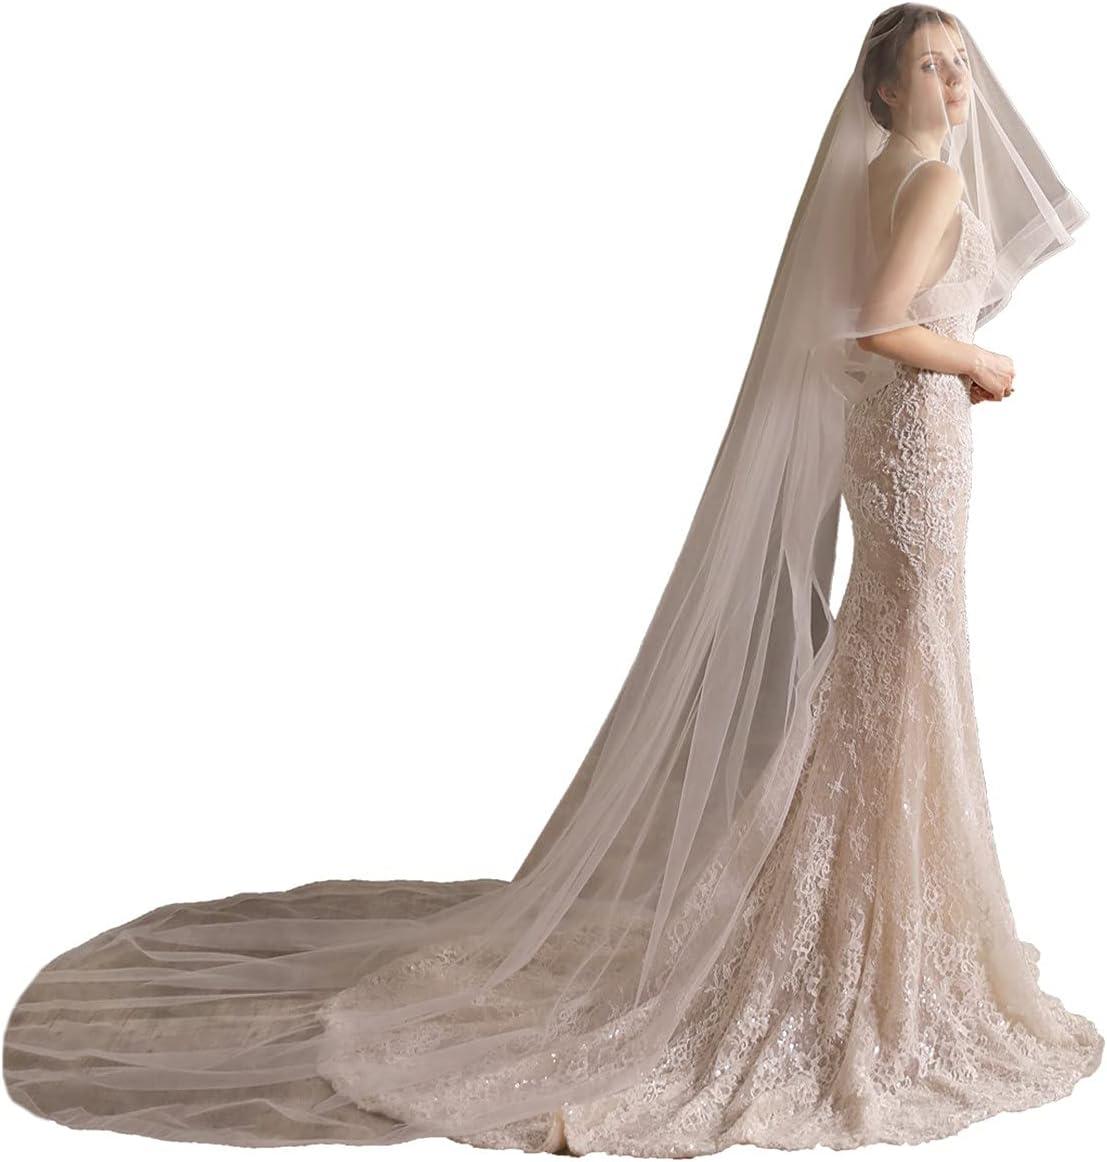 JZJZ Women's Wedding Veils 2 Austin Mall Tier White Bridal Long Lace discount T Train